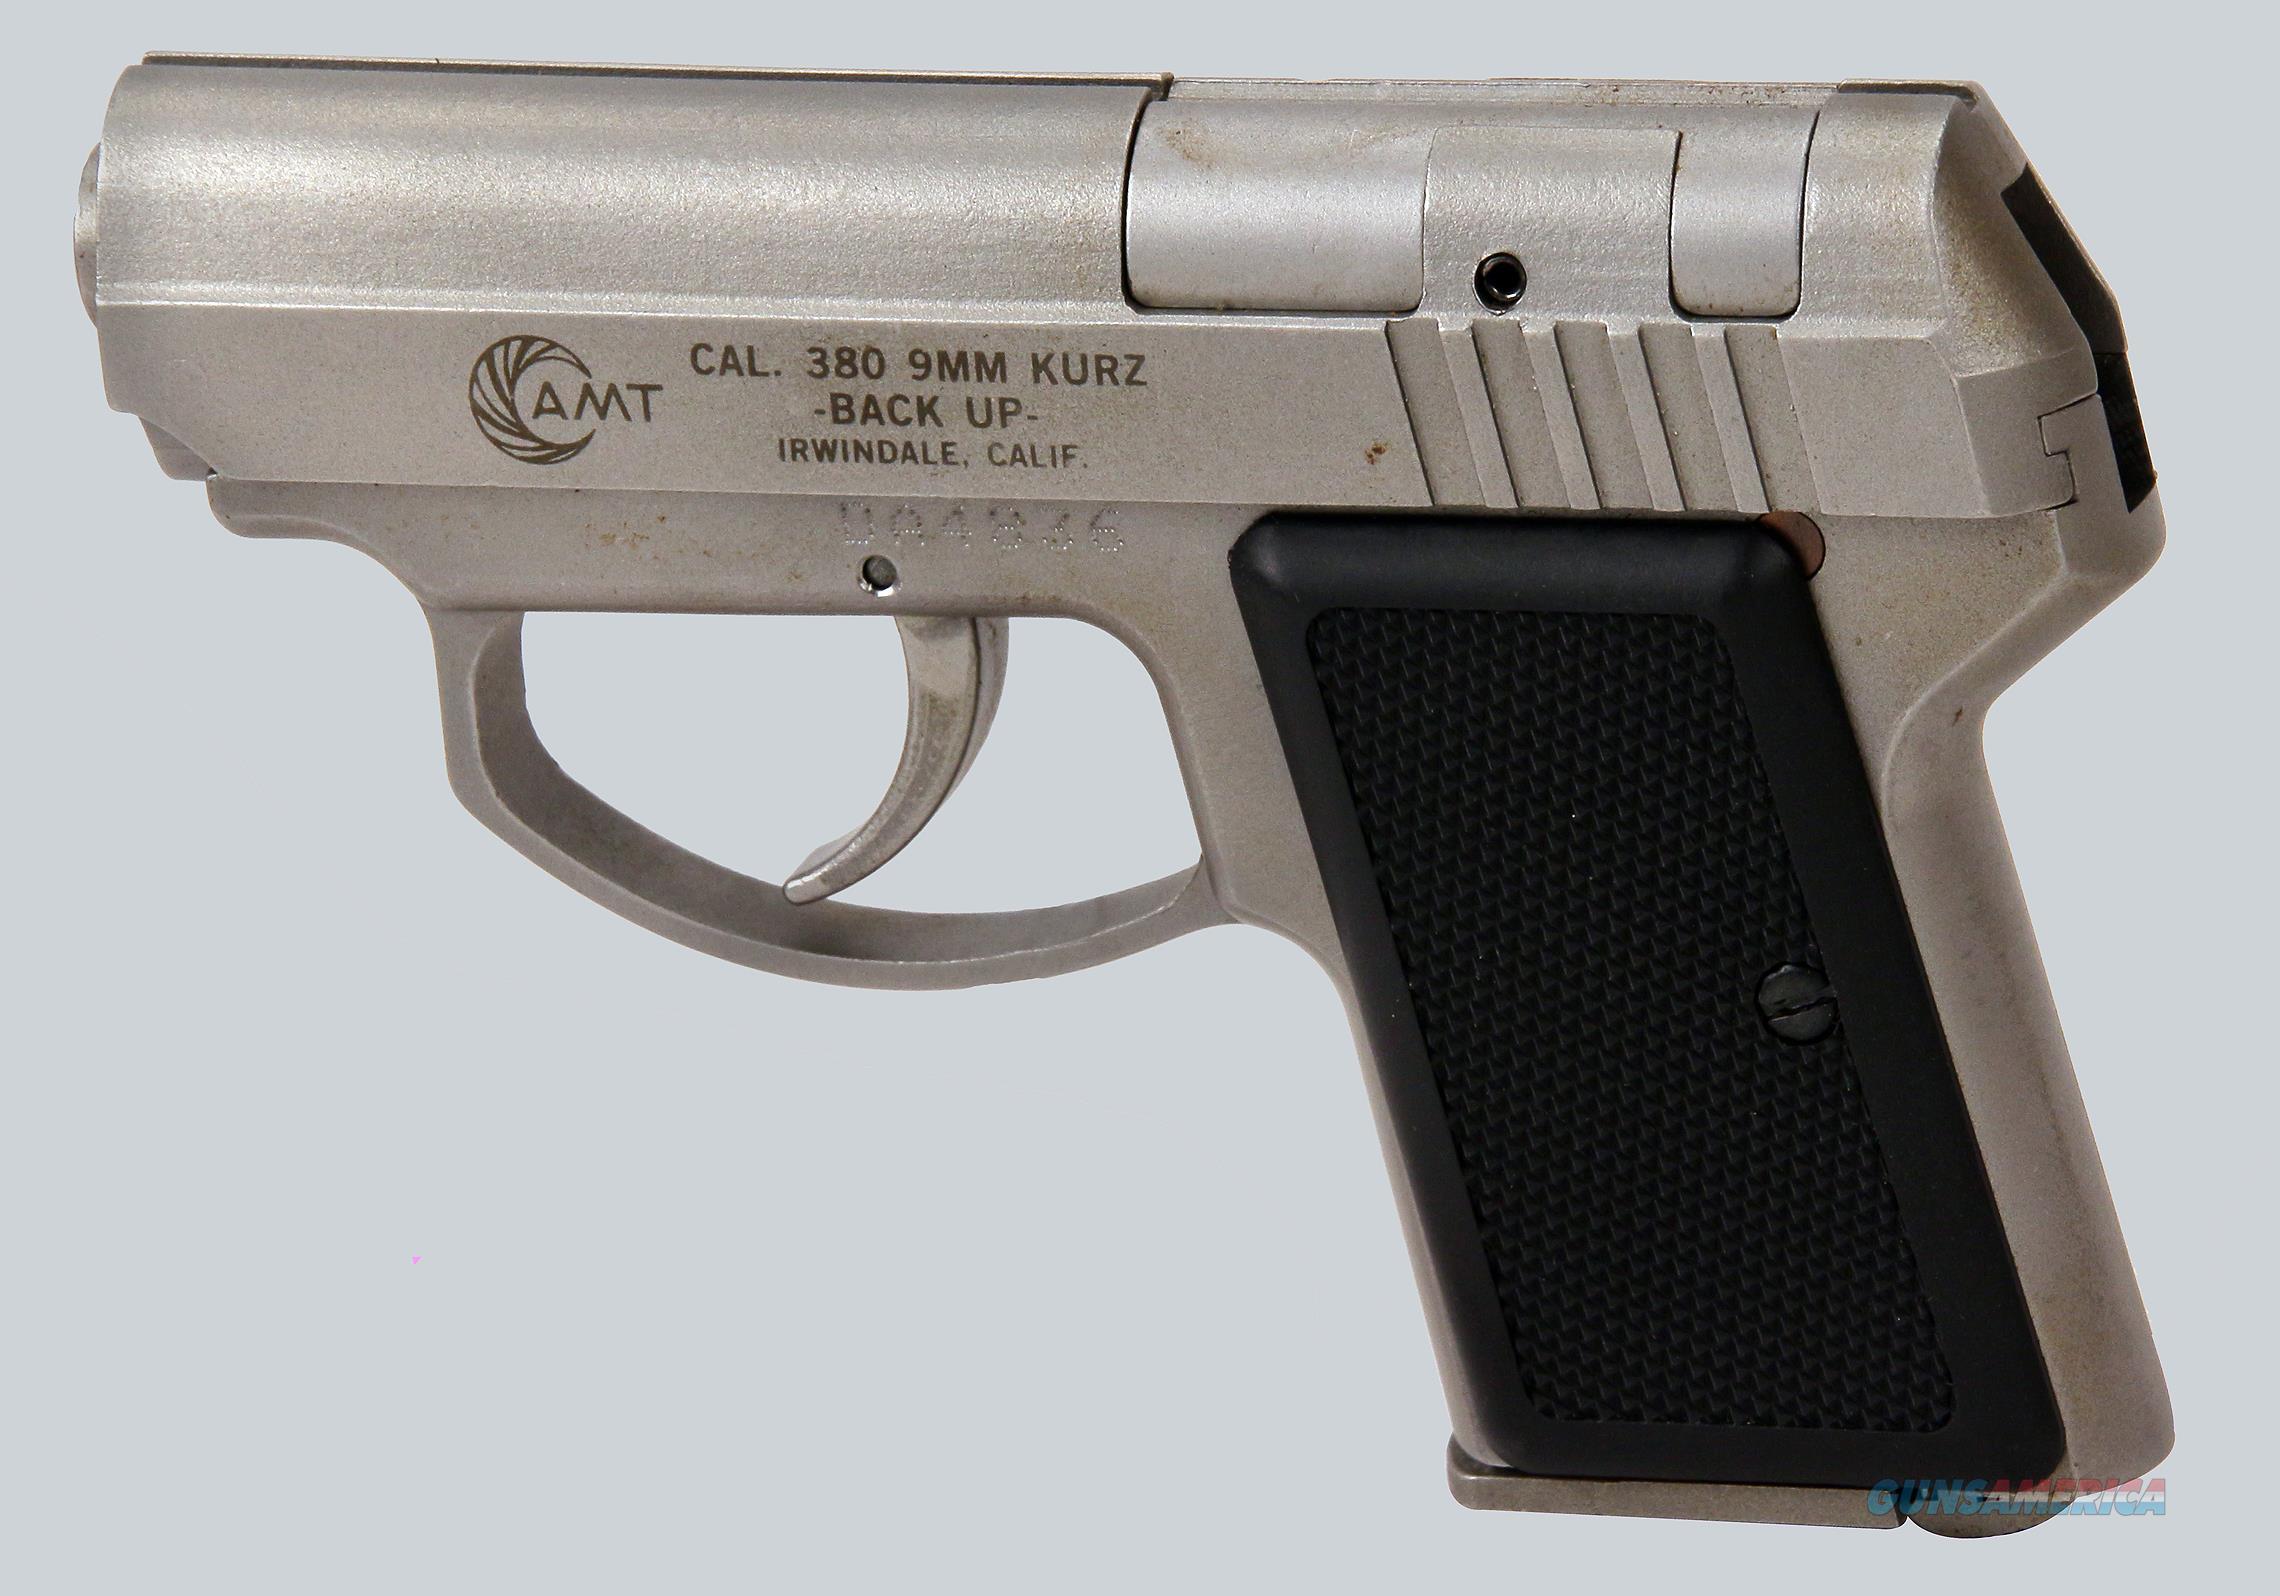 AMT 380acp Backup Pistol  Guns > Pistols > AMT Pistols > Double Action